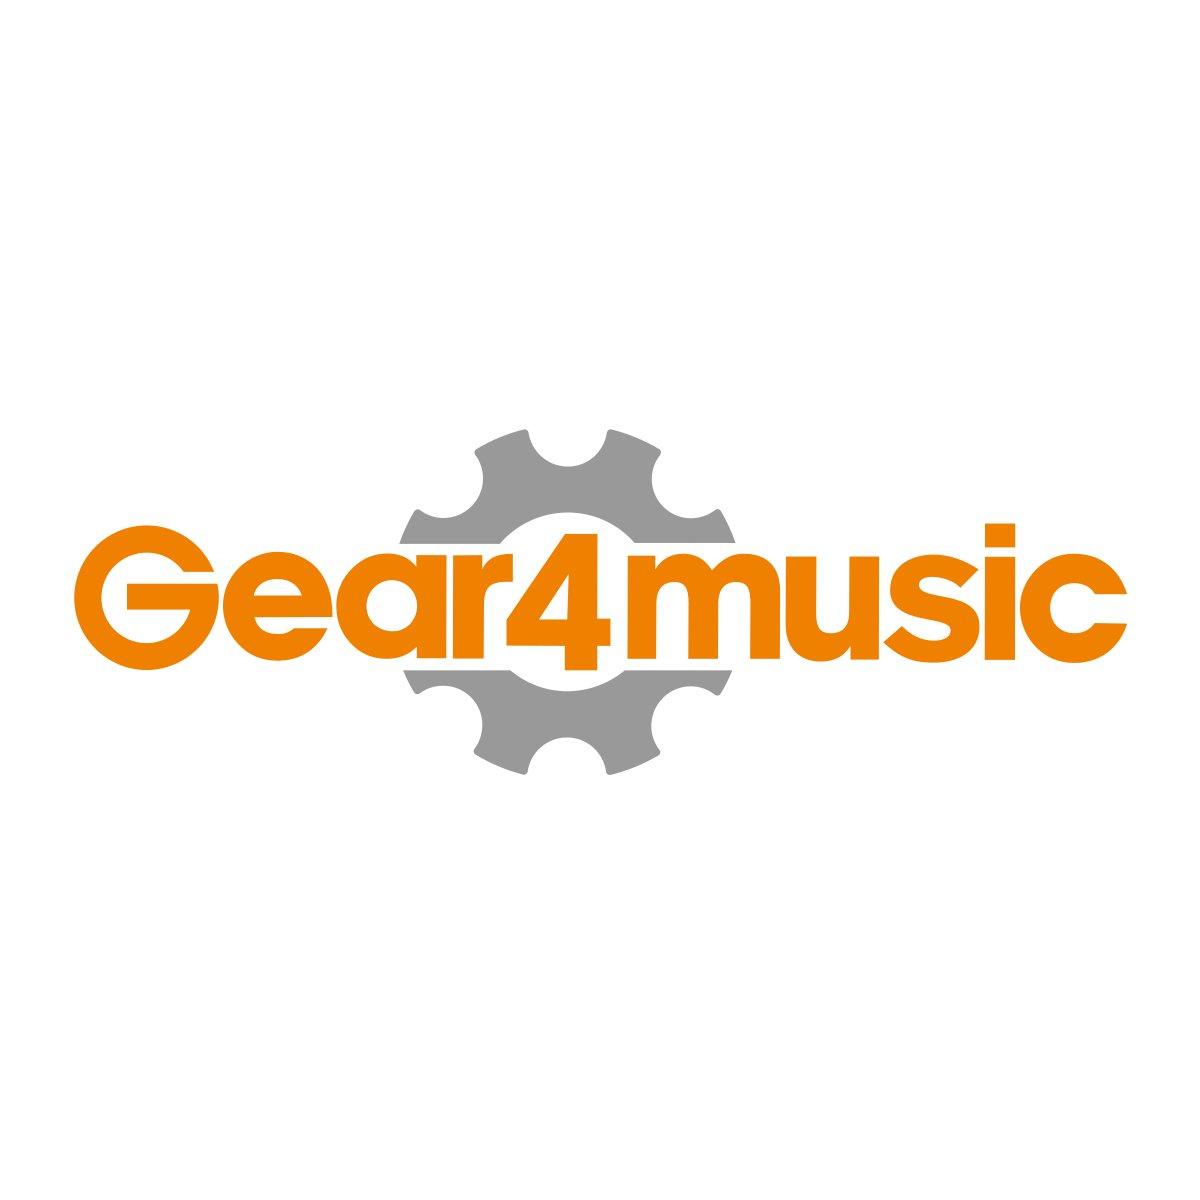 3/4 formaat elektro akoestisch gitaarpakket voor reizen door Gear4music, zwart